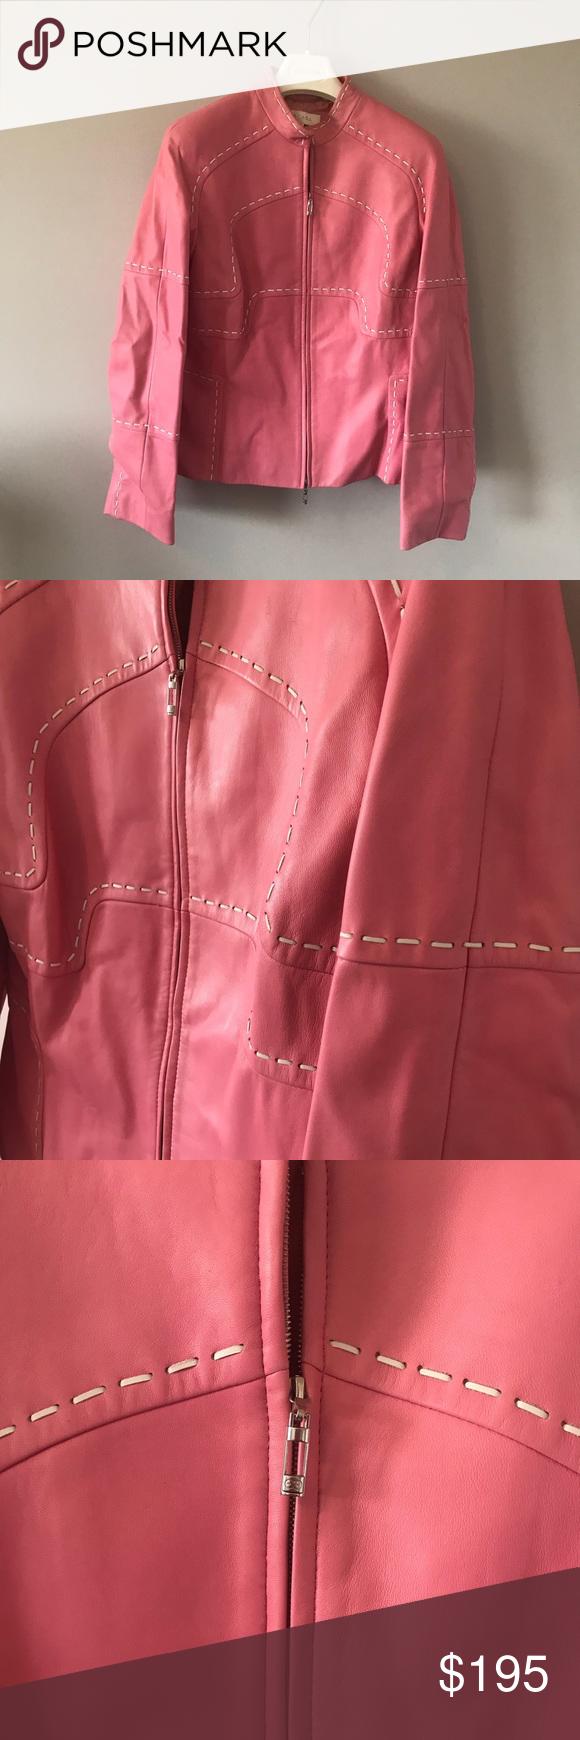 Escada Leather Jacket Escada Jacket Jackets Clothes Design [ 1740 x 580 Pixel ]